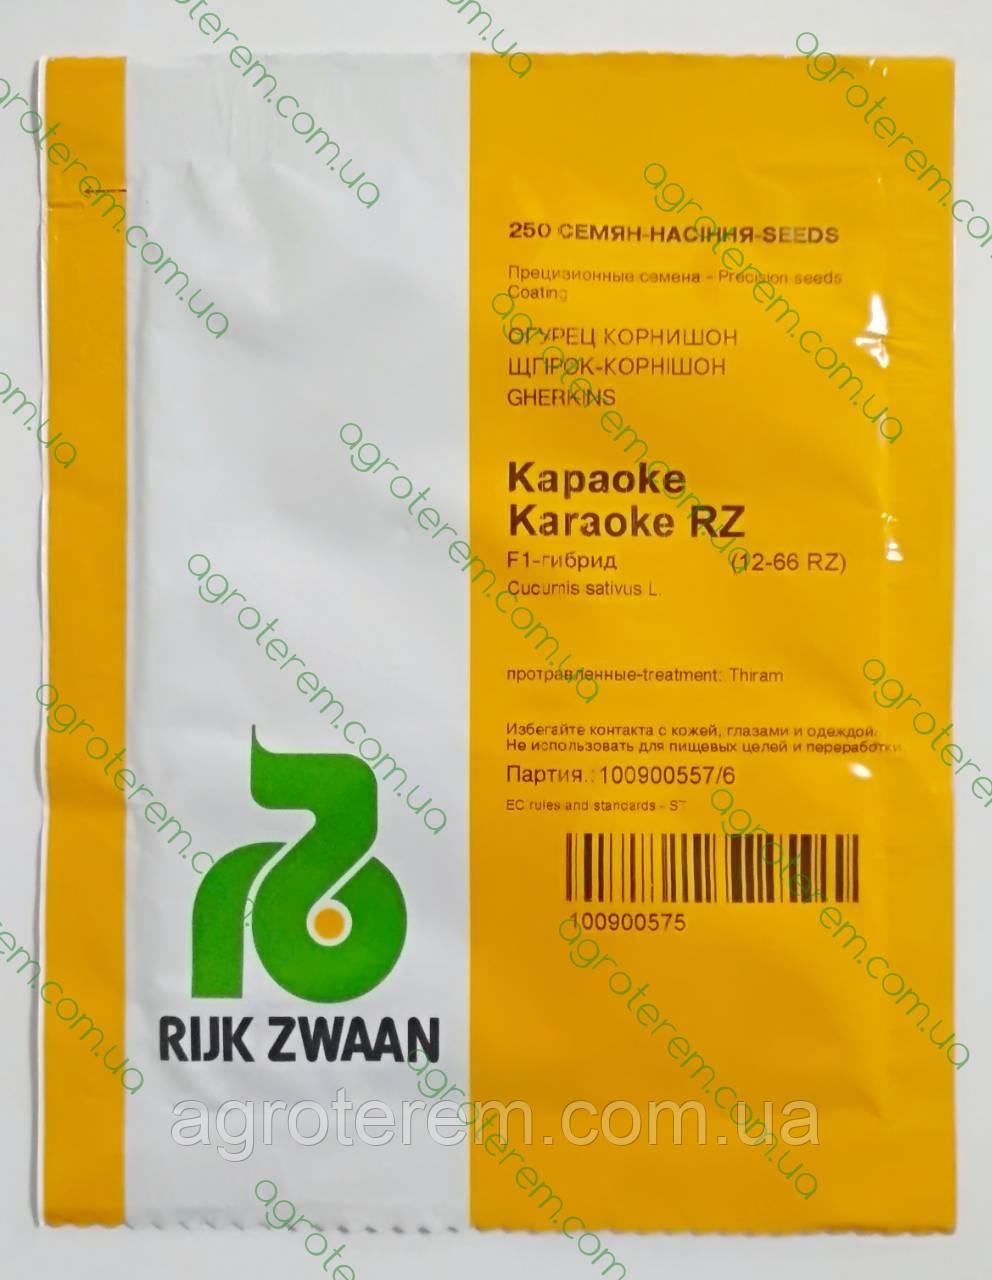 Семена огурца Караоке (Karaoke PZ) F1 250 с